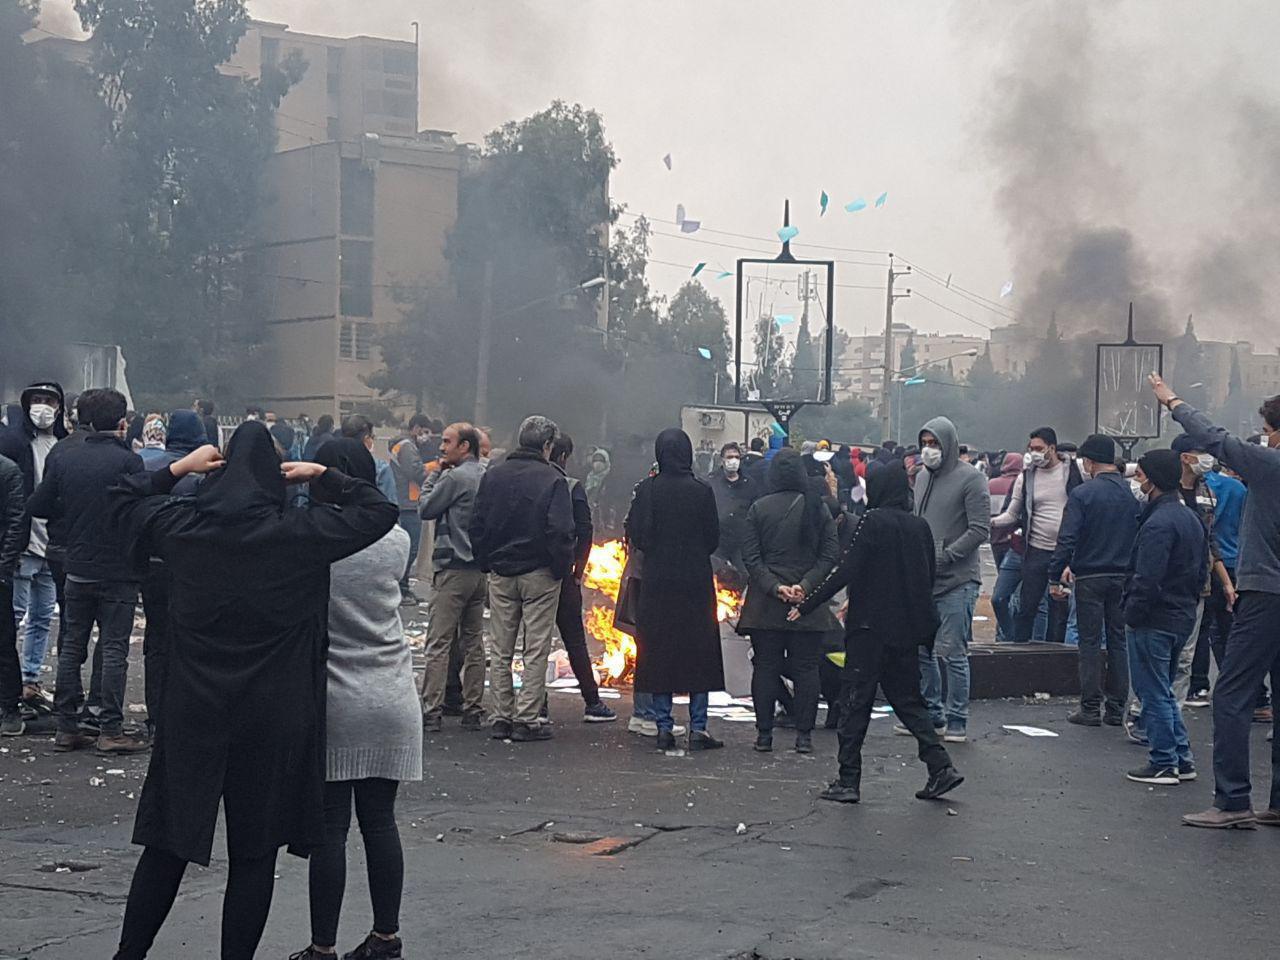 نماینده شیراز: حتی یک نفر از کشتهشدگان شیراز و صدرا در حریم پادگانها نبودند